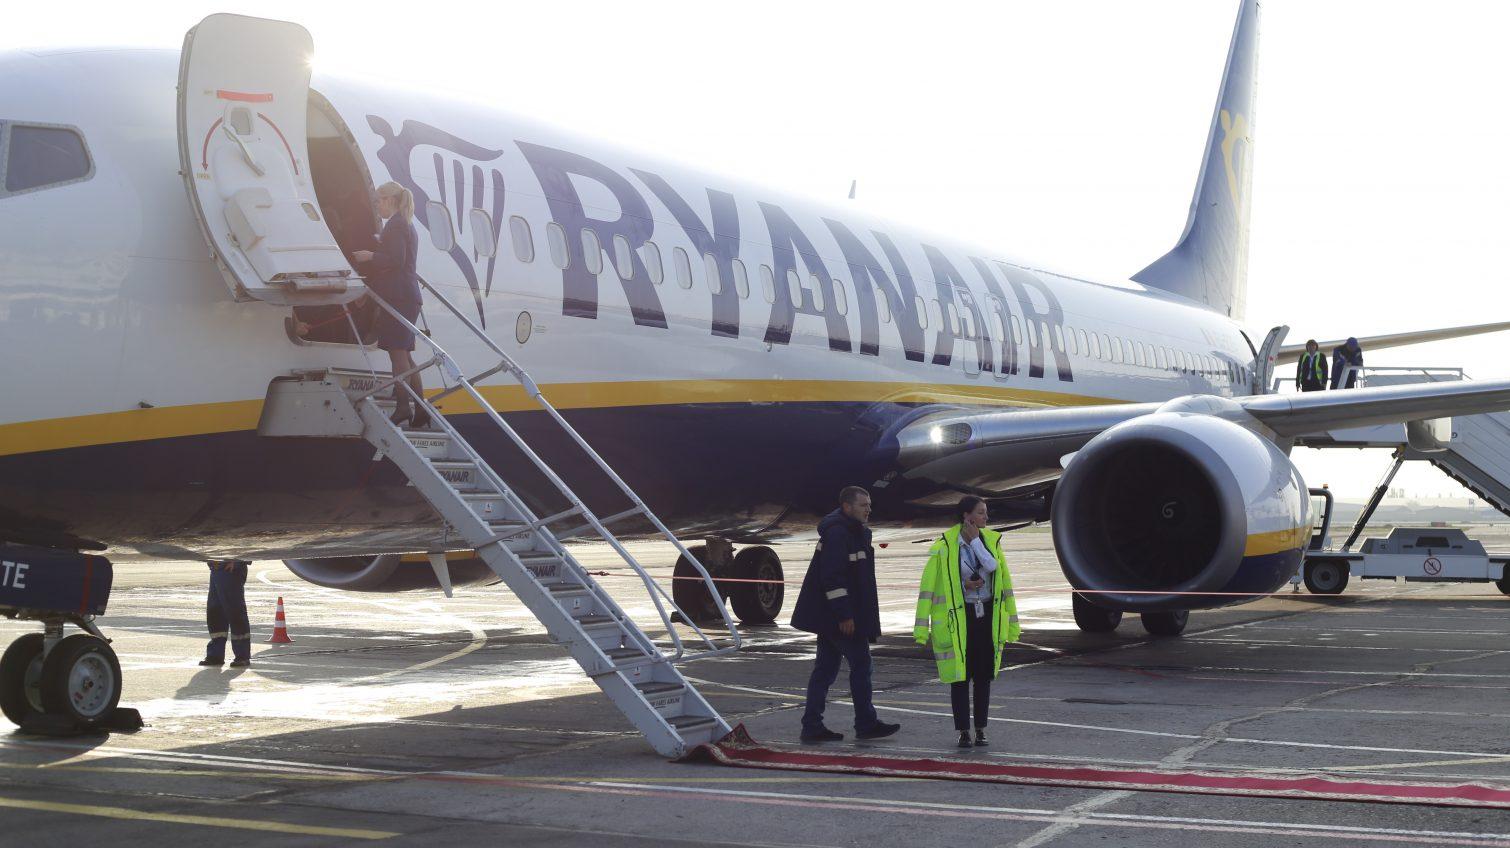 Перехватили: лоукостер Ryanair предлагает «спасательные тарифы» для пассажиров отмененных рейсов Wizz Air из Одессы «фото»